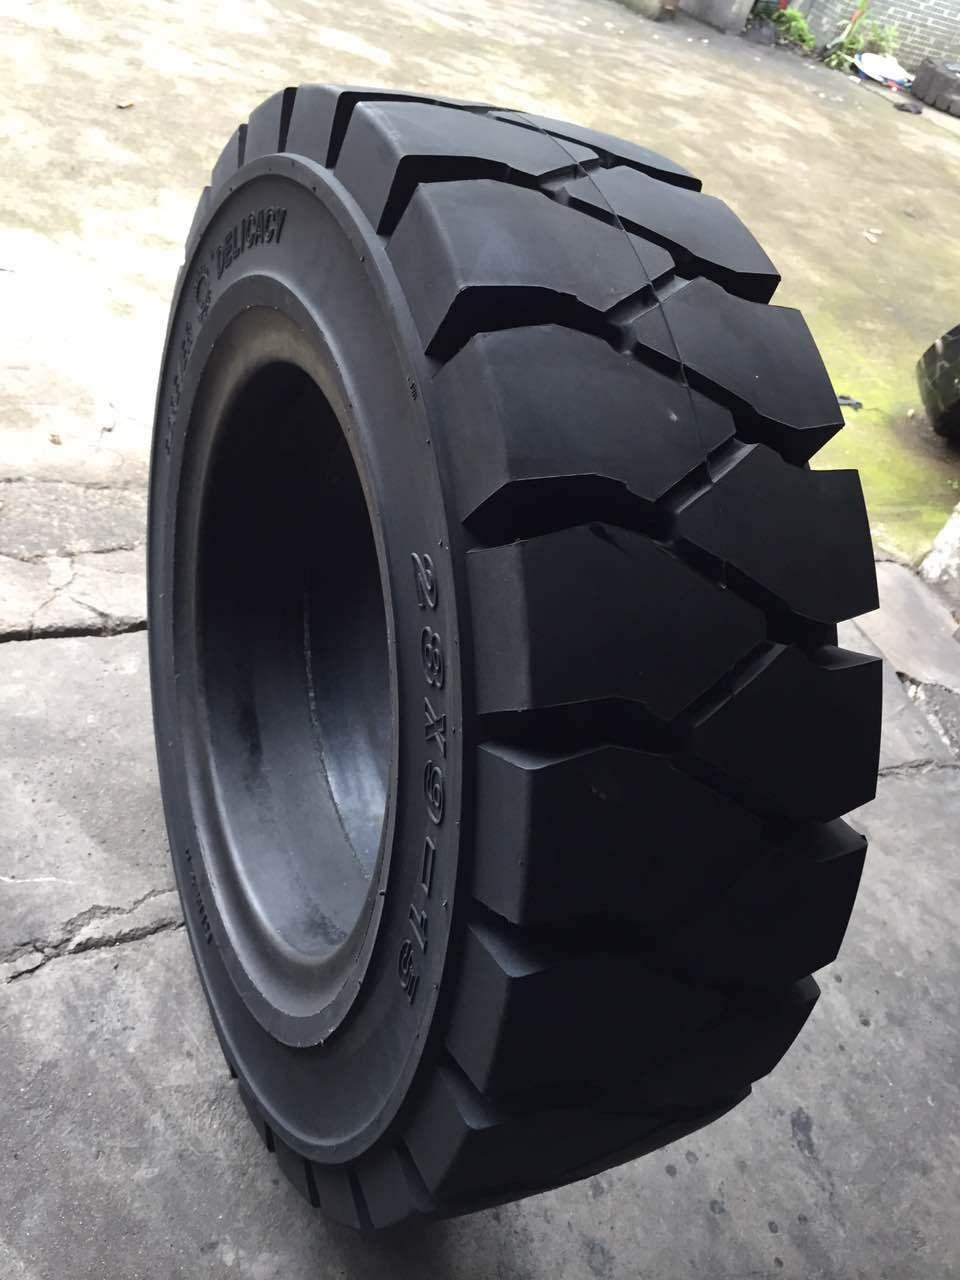 Cao su(lốp xe tải) Xe nâng hàng loạt lốp đặc biệt Loại tiêu chuẩn Loại nâng cao Hoàn thành bán buôn